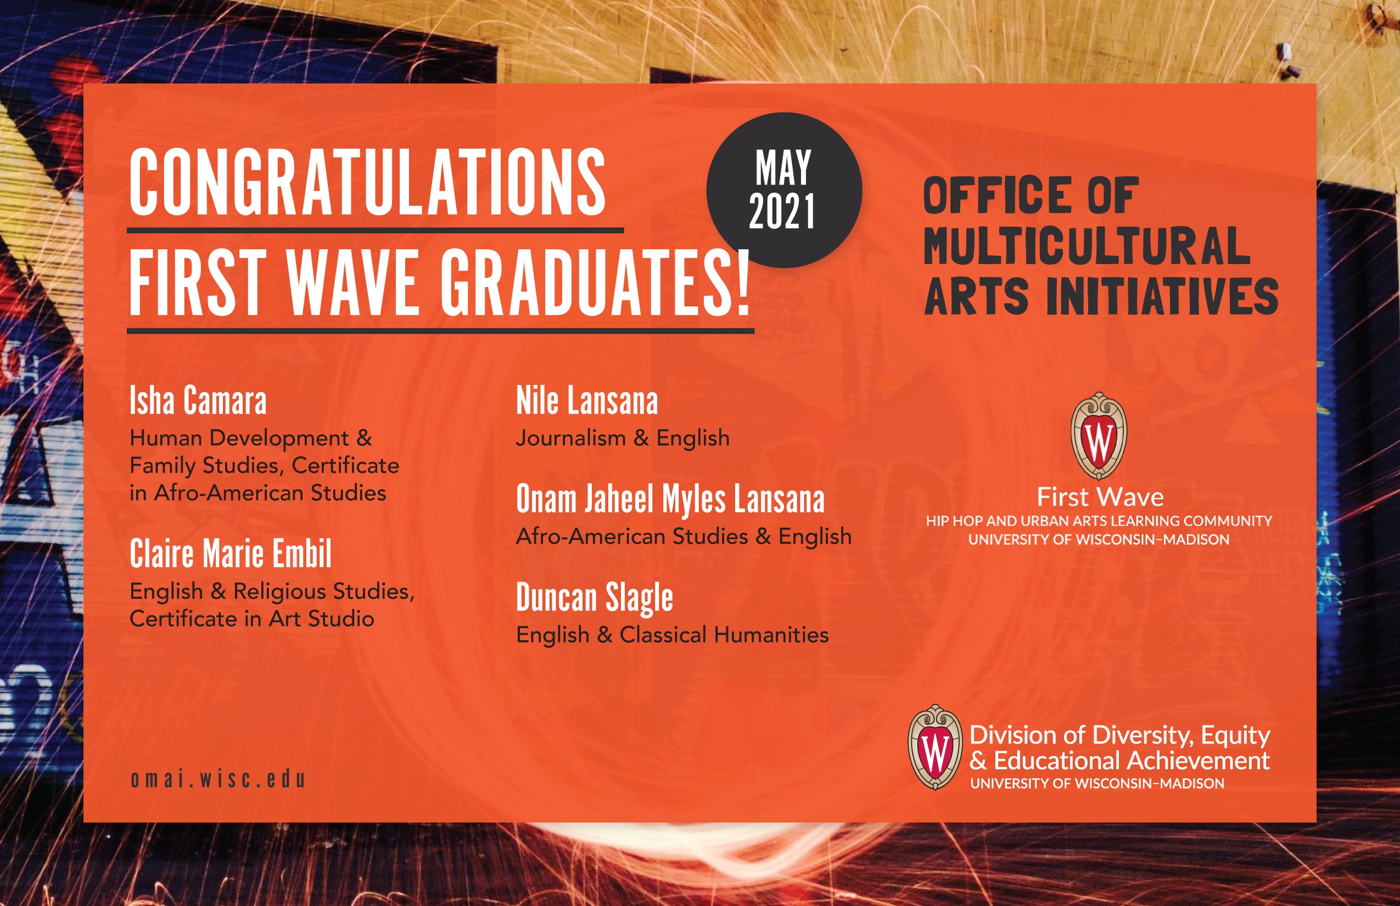 Felicitaiones a los graduados del programa First Wave - Oficina multicultural de iniciativas del arte